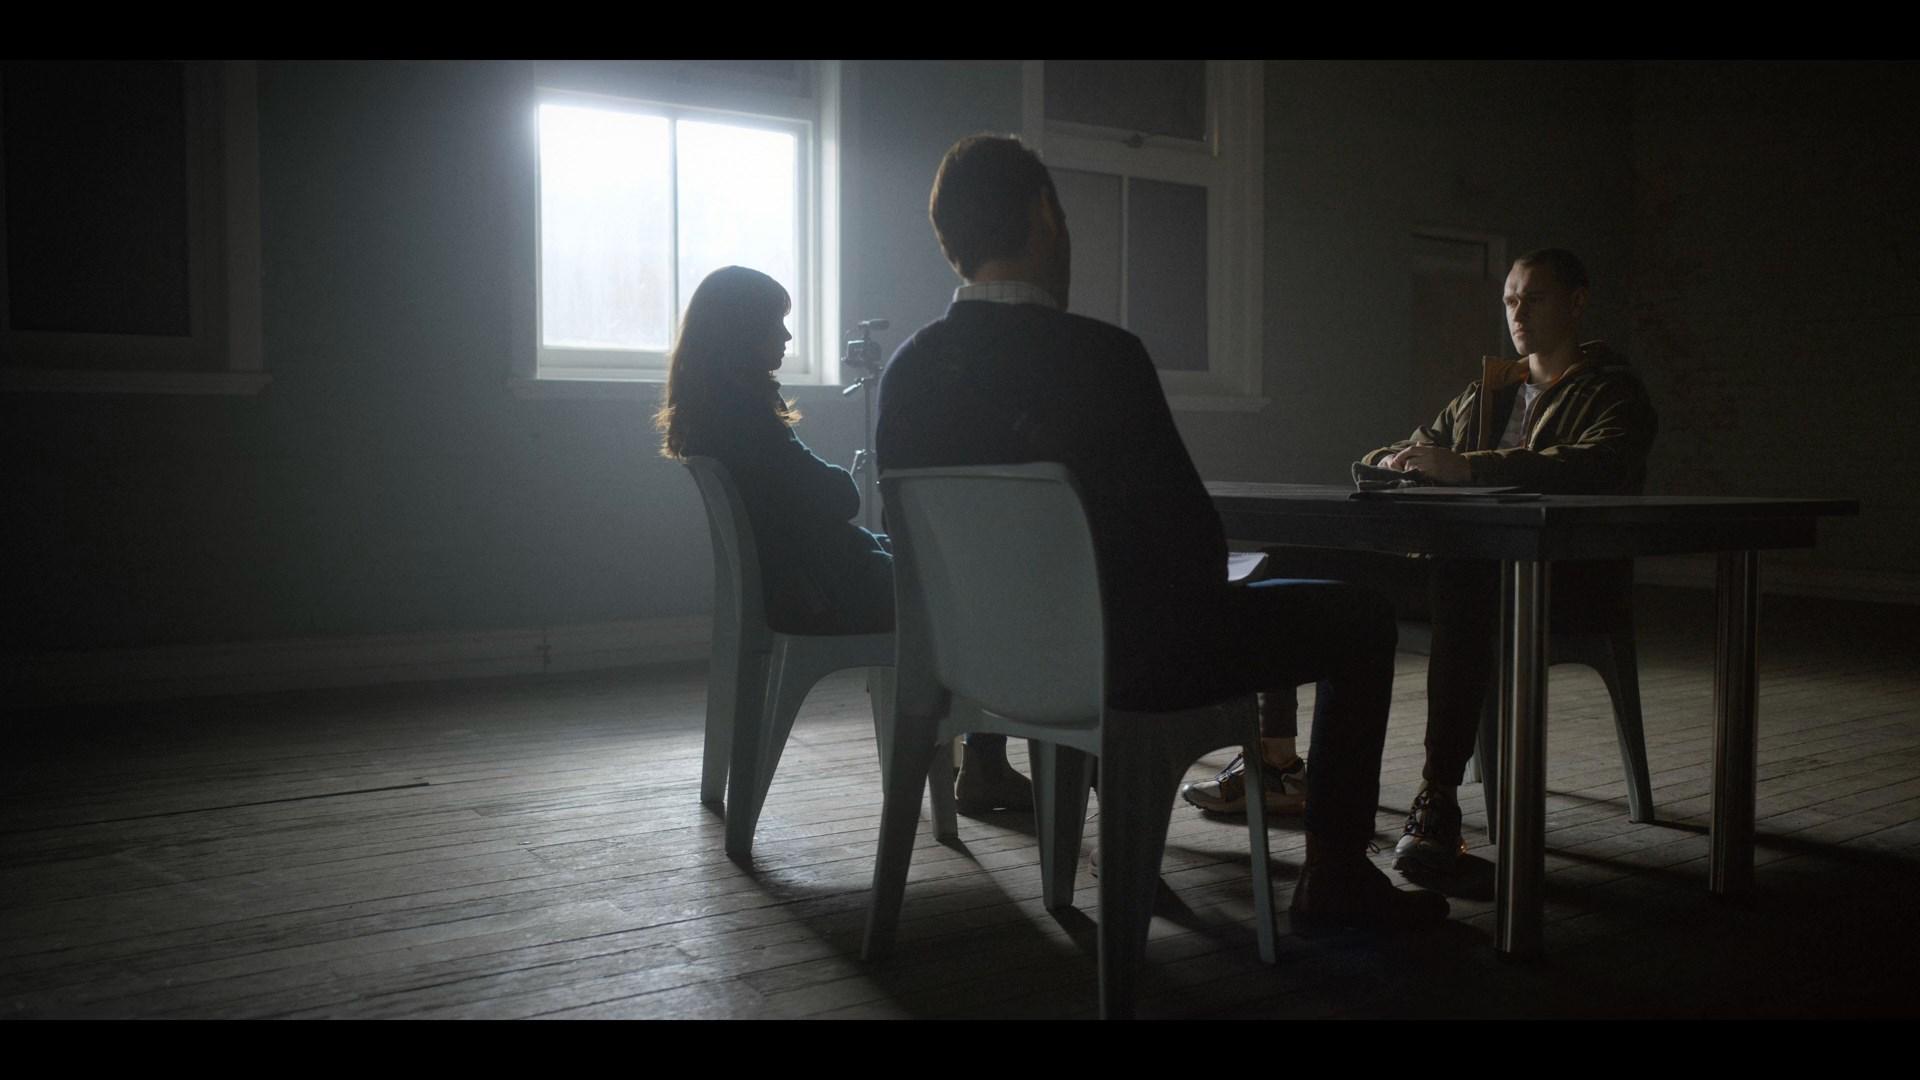 El crepúsculo Temporada 1 (2020) 1080p WEB-DL